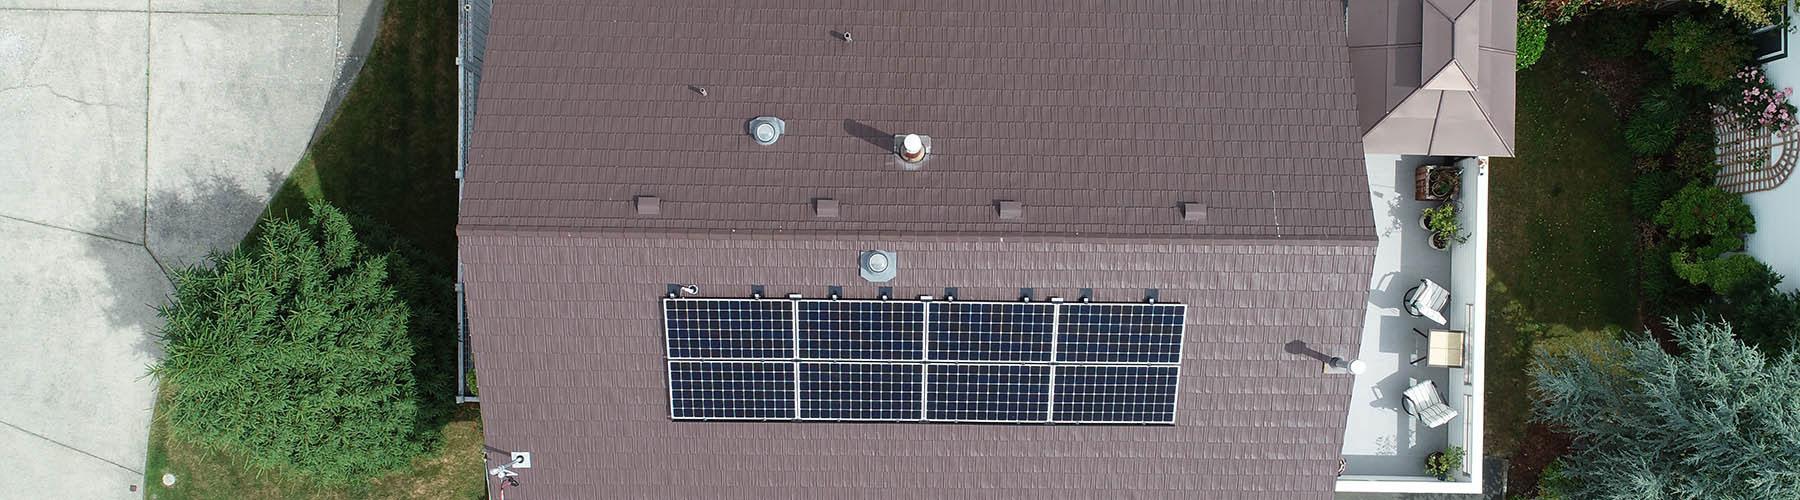 Solarpanelinstallation1